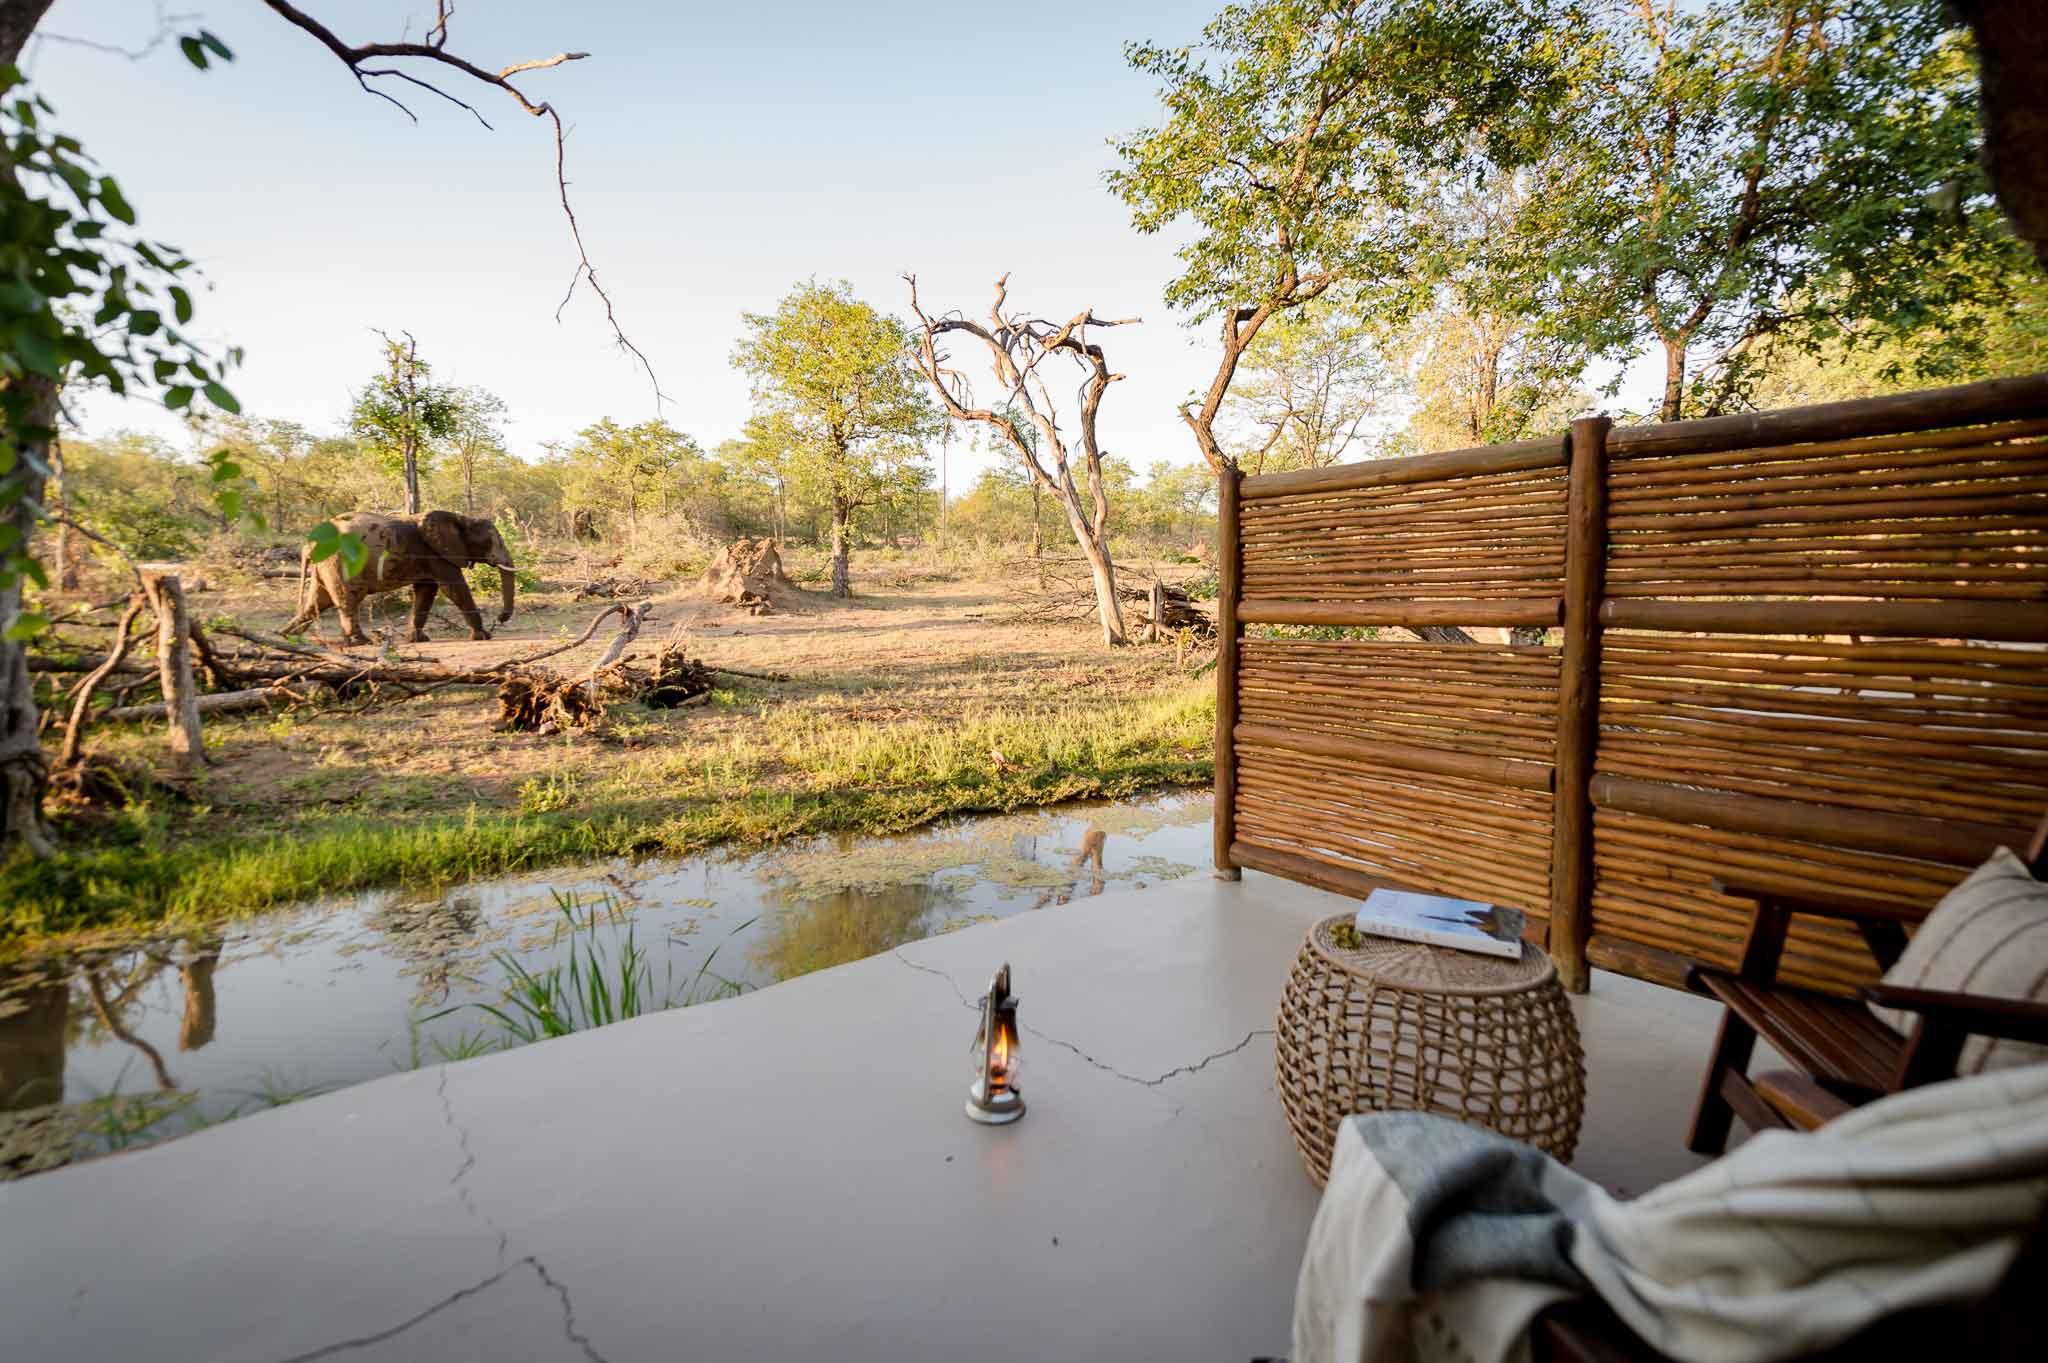 Chacma Elephants